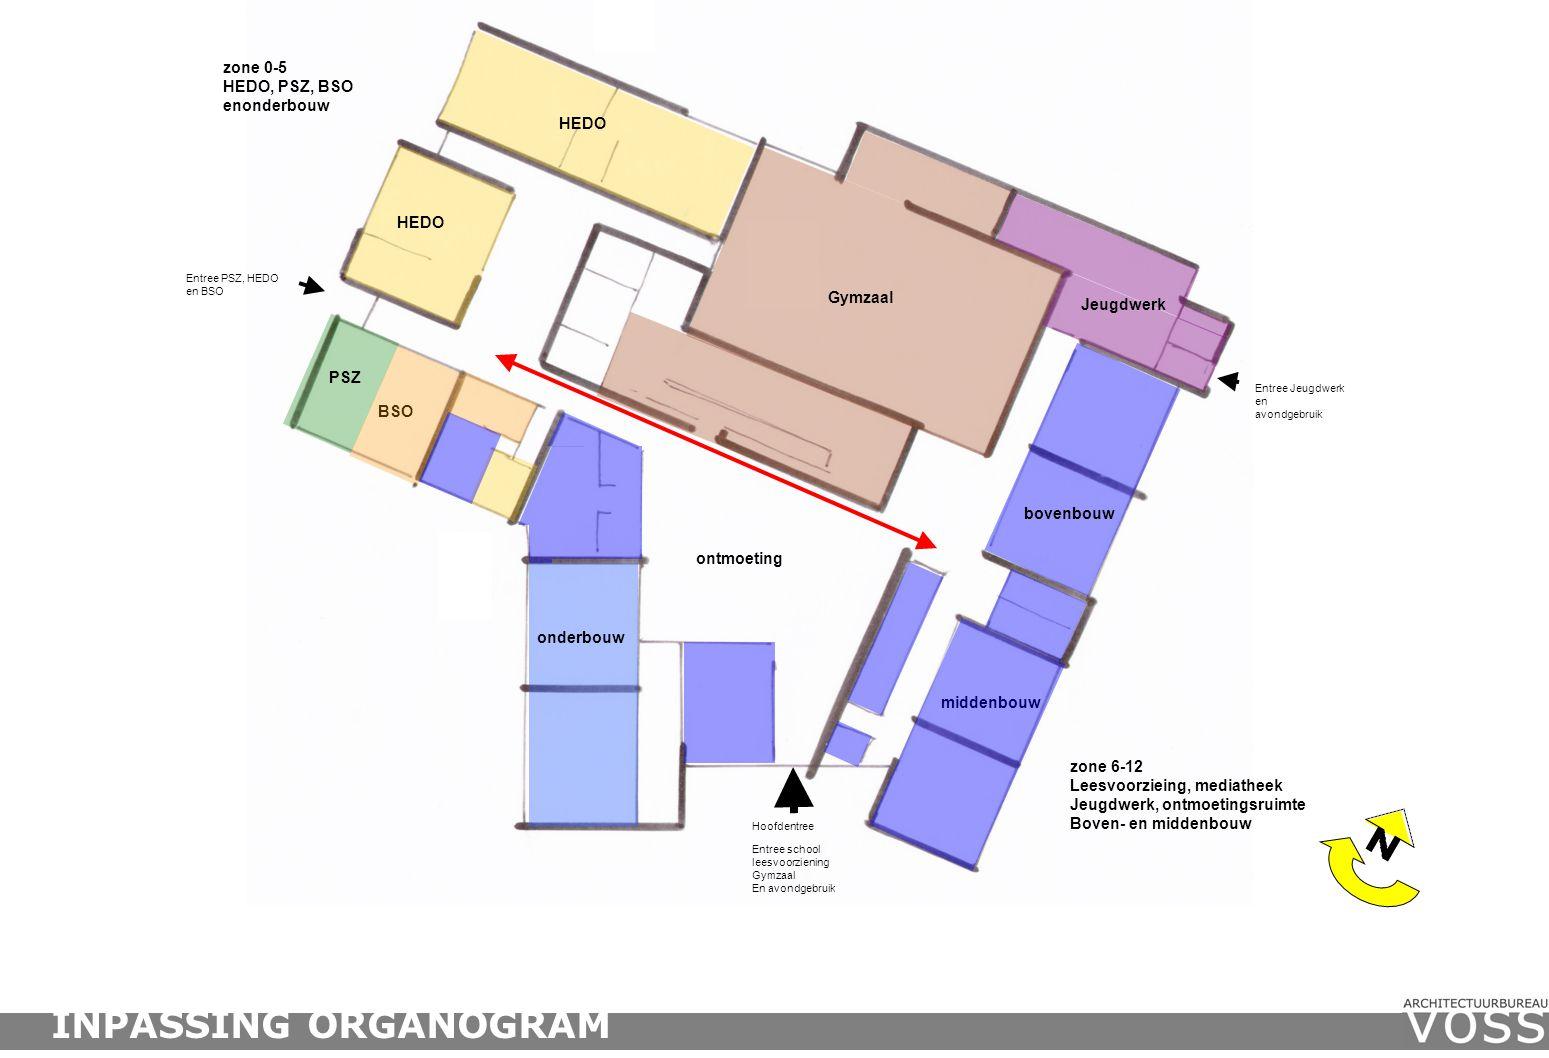 zone 6-12 Leesvoorzieing, mediatheek Jeugdwerk, ontmoetingsruimte Boven- en middenbouw zone 0-5 HEDO, PSZ, BSO enonderbouw Entree PSZ, HEDO en BSO Entree school leesvoorziening Gymzaal En avondgebruik HEDO BSO PSZ onderbouw ontmoeting middenbouw HEDO Gymzaal Jeugdwerk bovenbouw Hoofdentree Entree Jeugdwerk en avondgebruik INPASSING ORGANOGRAM